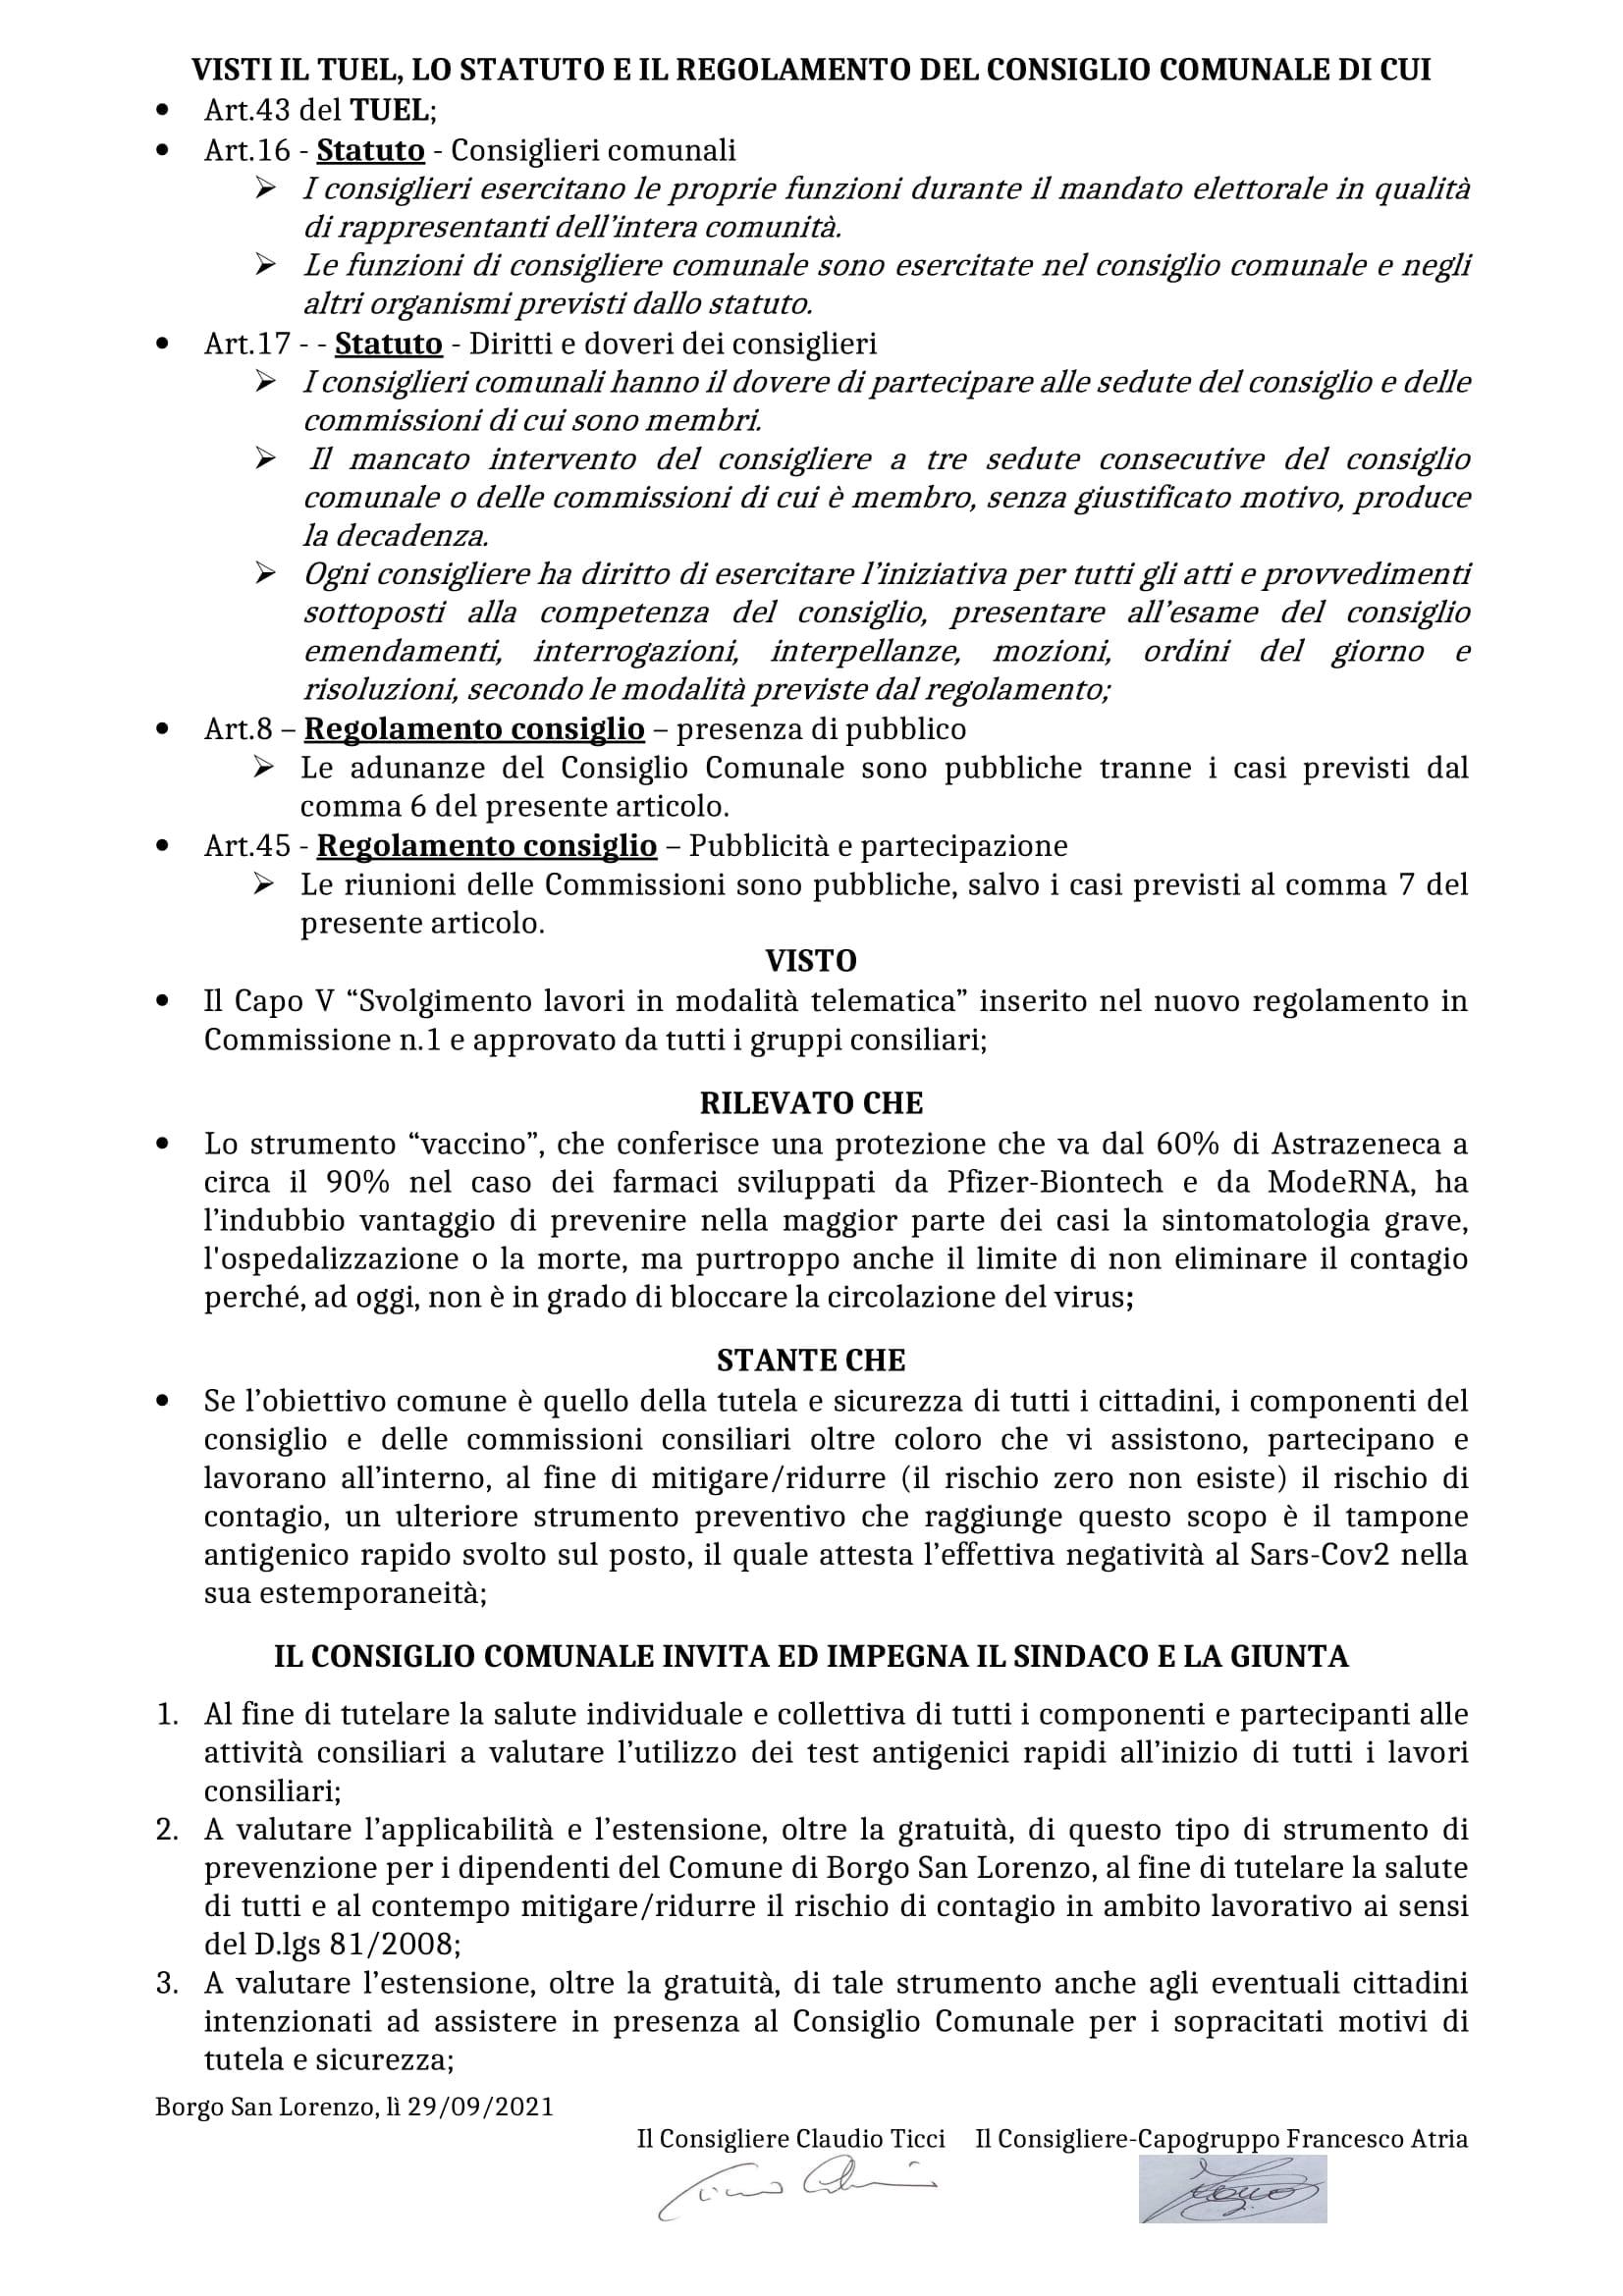 Mozione Atria e Ticci Esibizione Green Pass lavori consiliari sett.2021 (pag. 2)